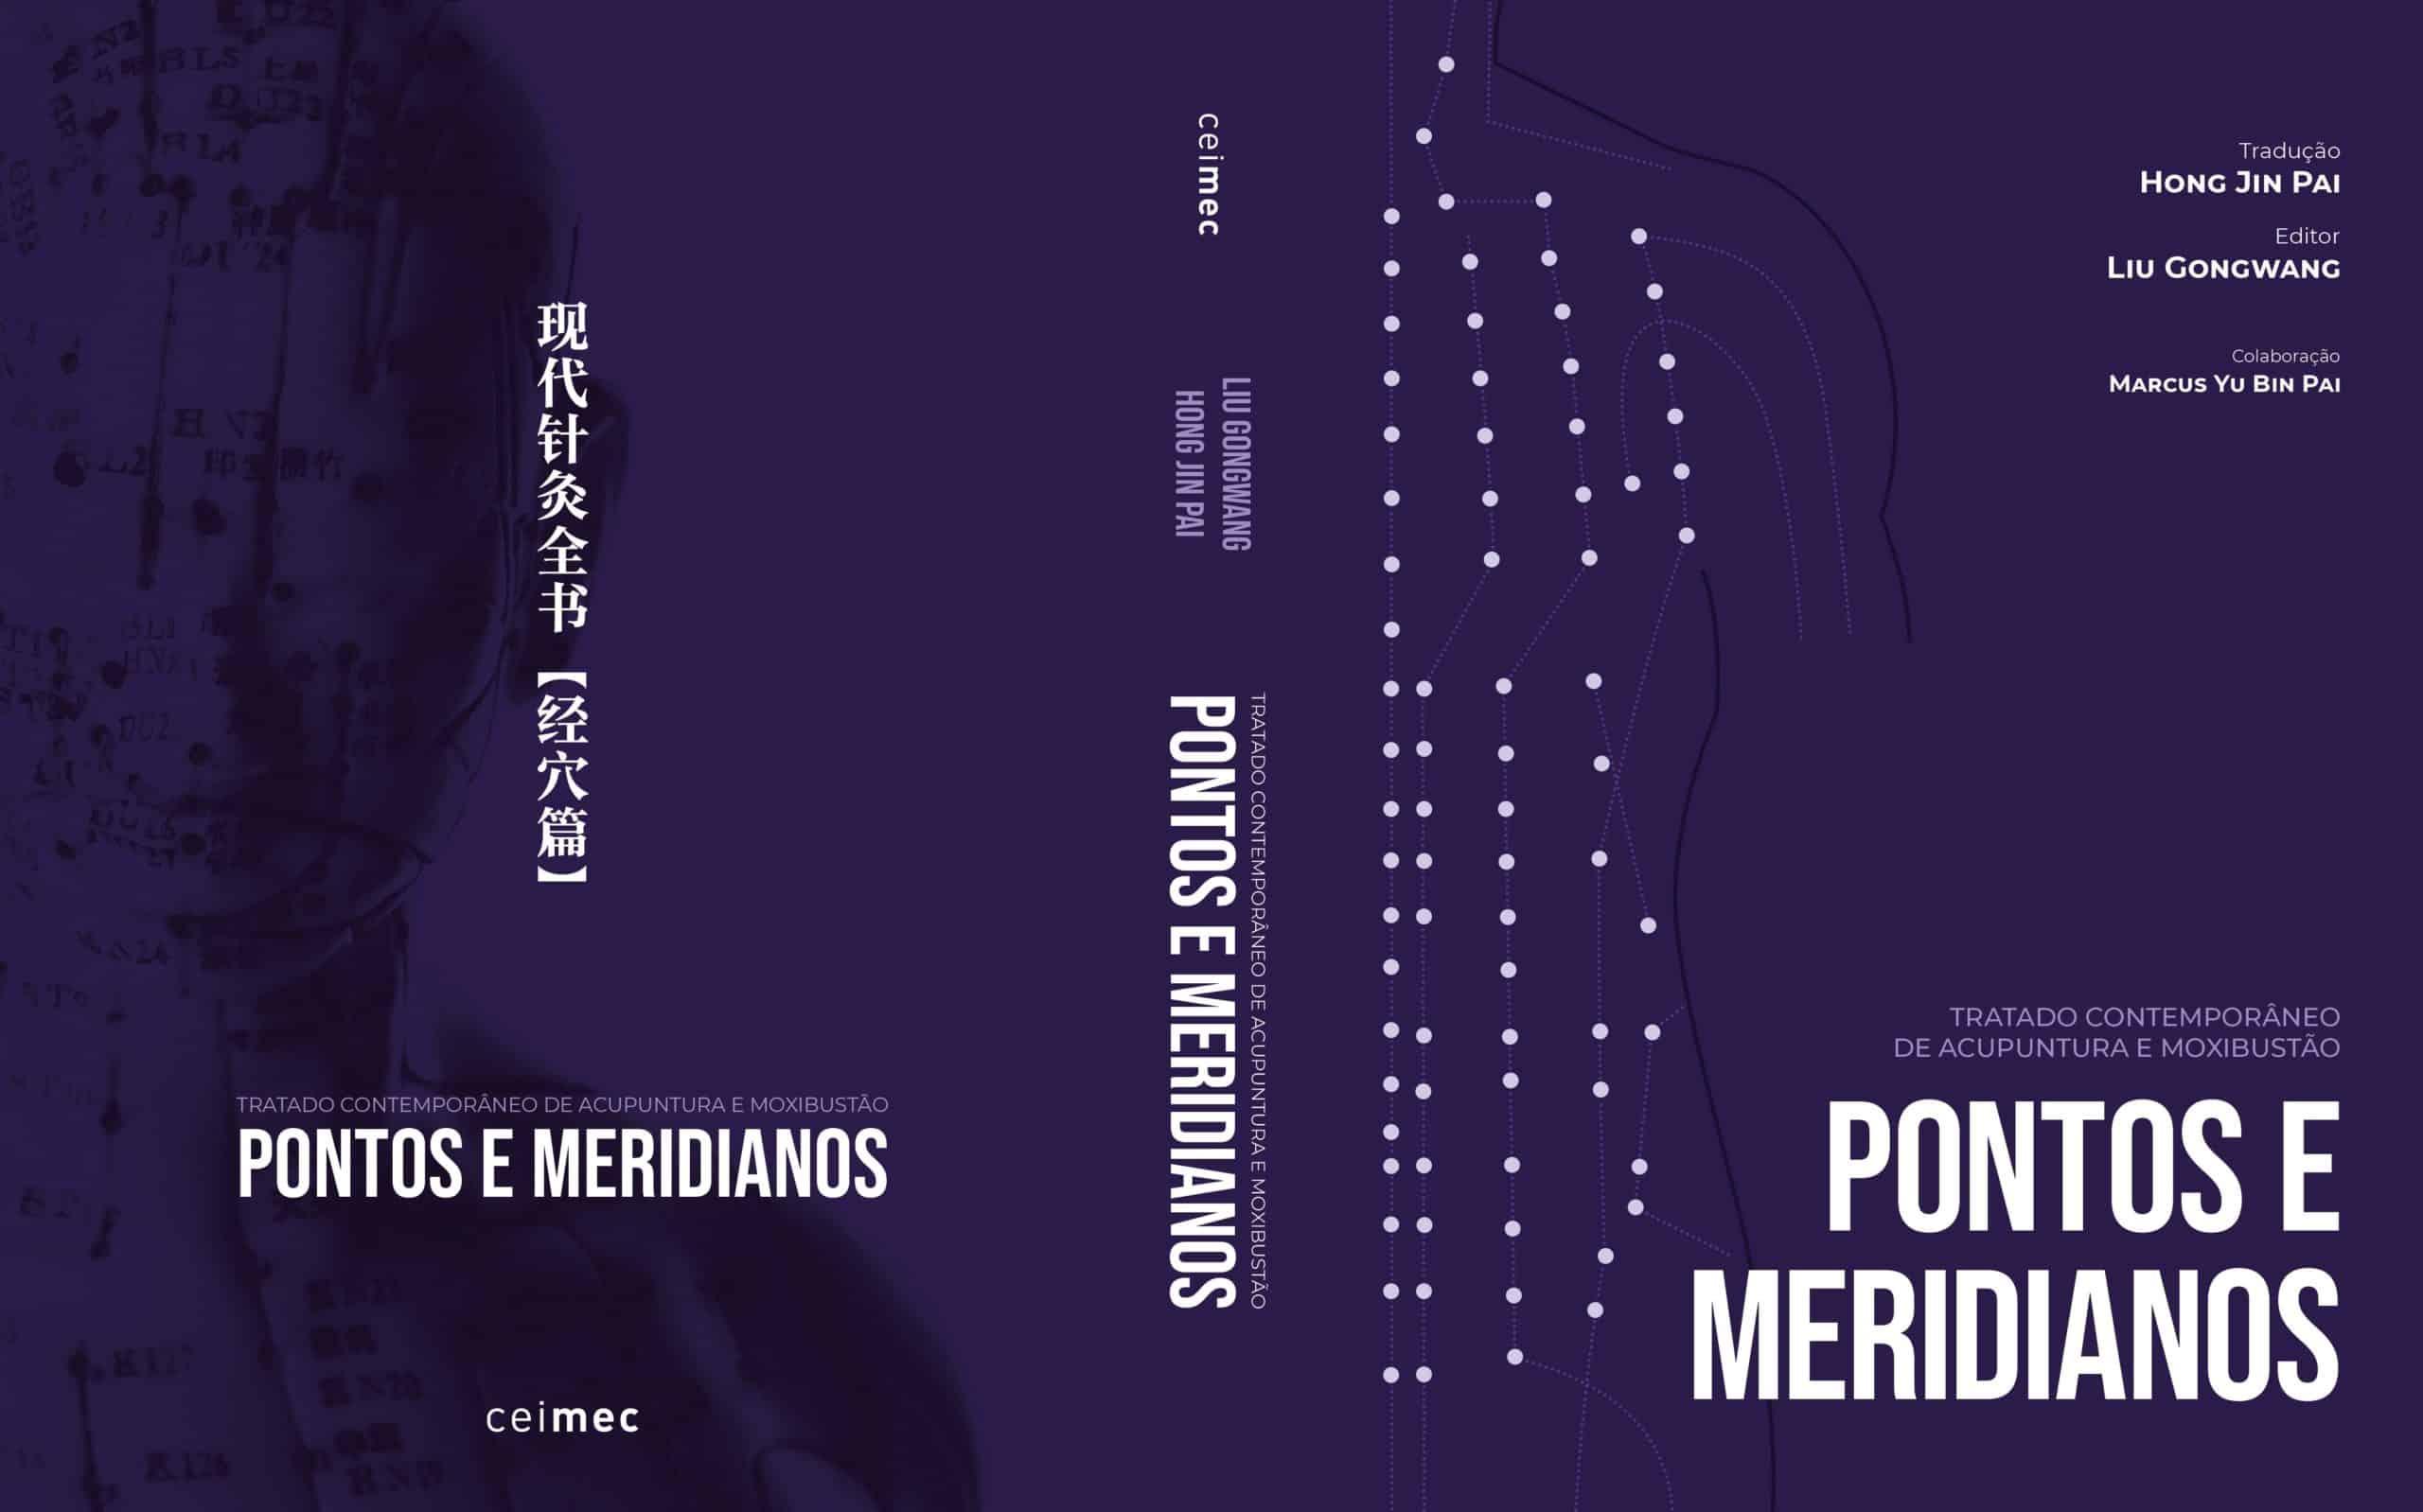 Livro Pontos e Meridianos Acupuntura CEIMEC 2020